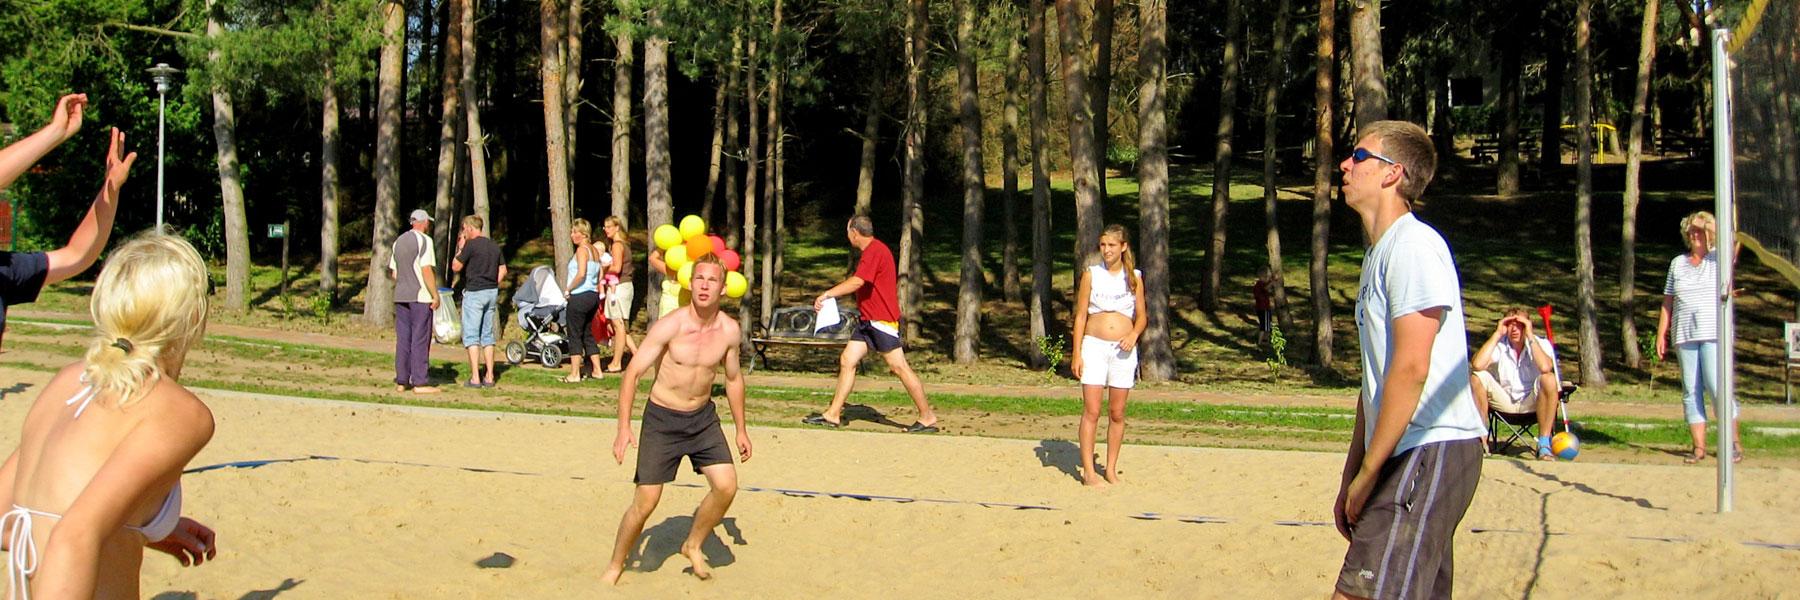 Volleyball - Ferienpark Retgendorf